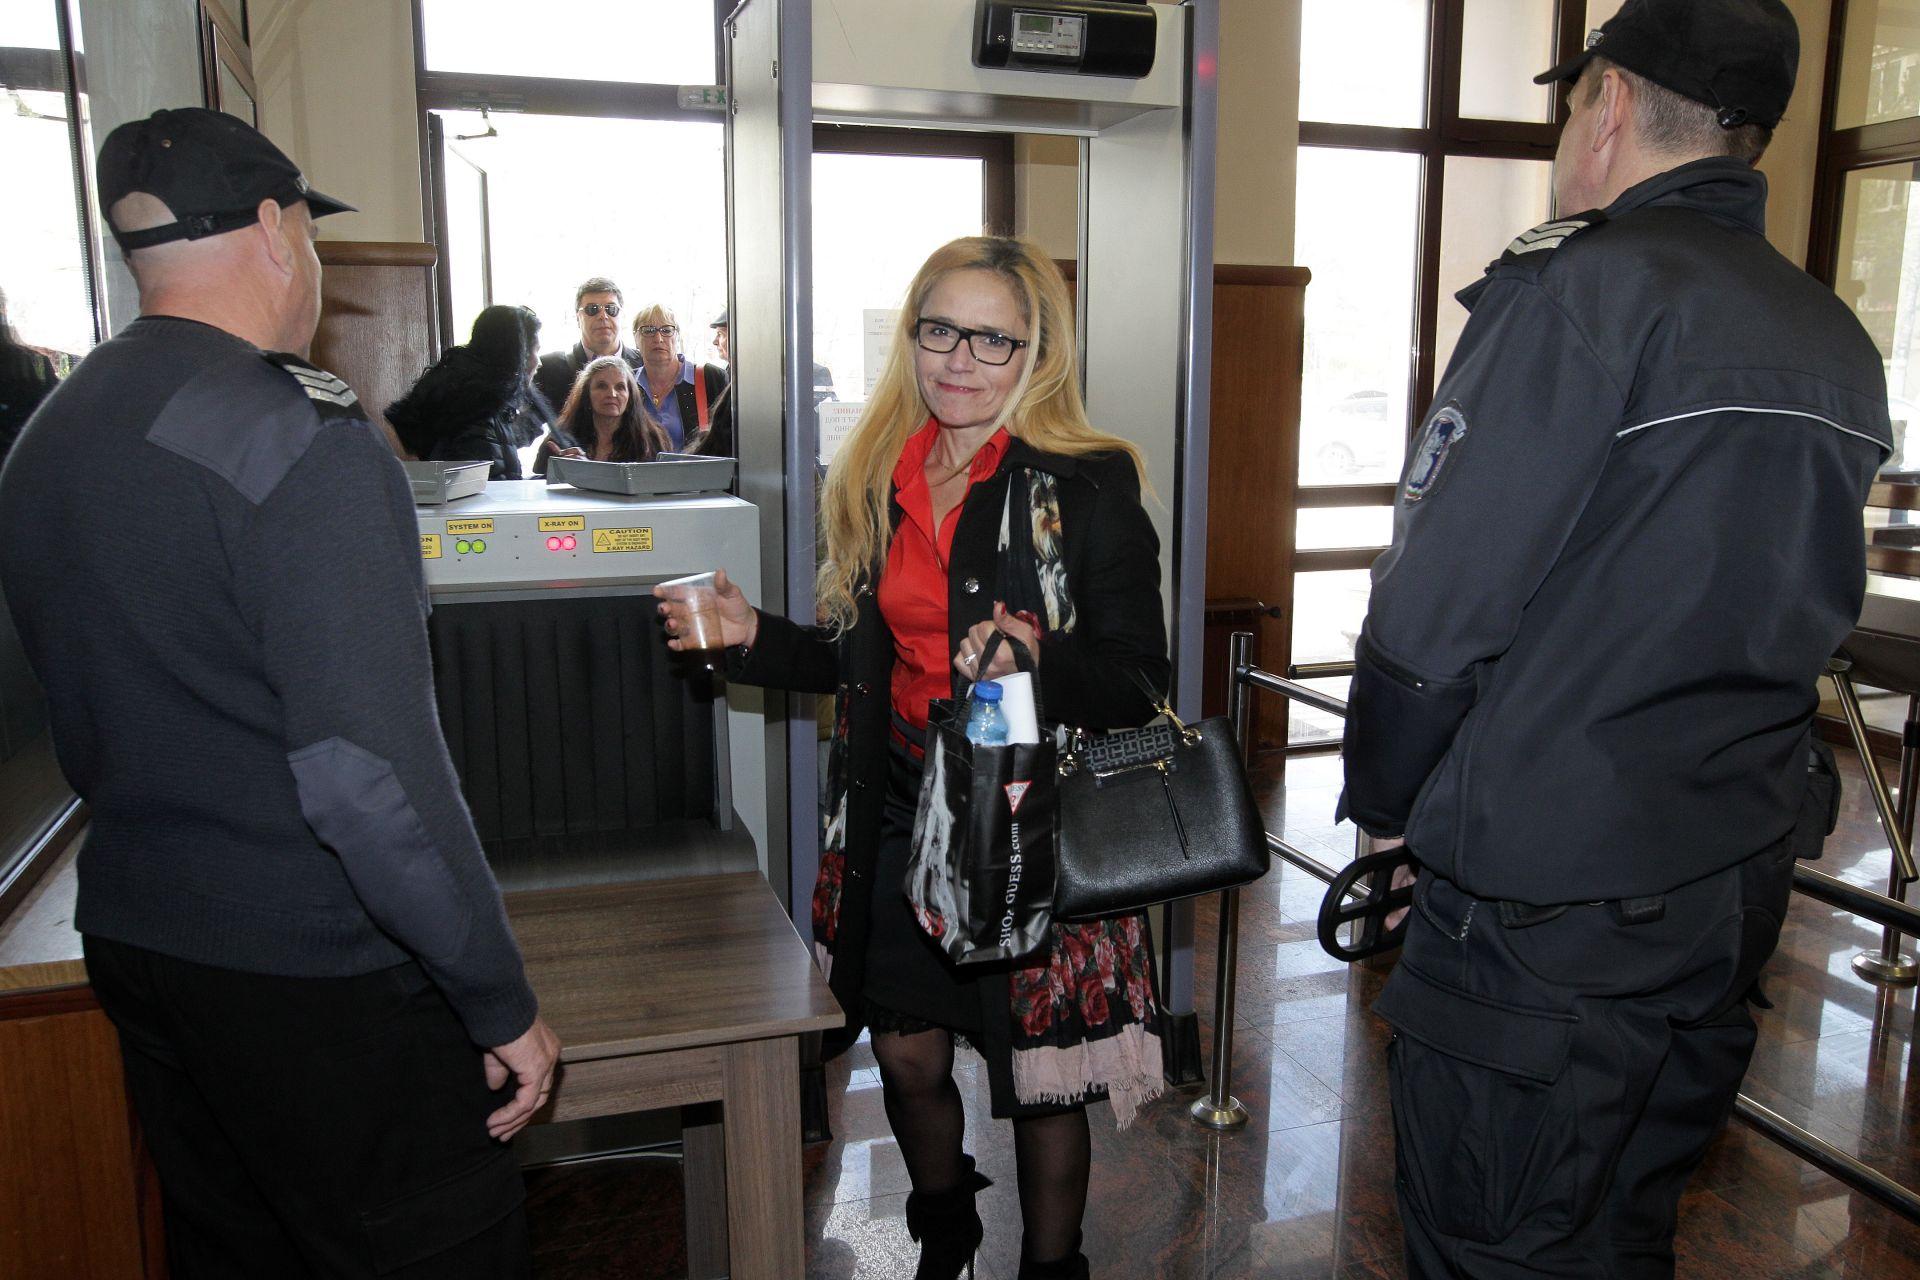 Десислава Иванчева дойде в съда с усмивка, но си тръгна с голяма присъда